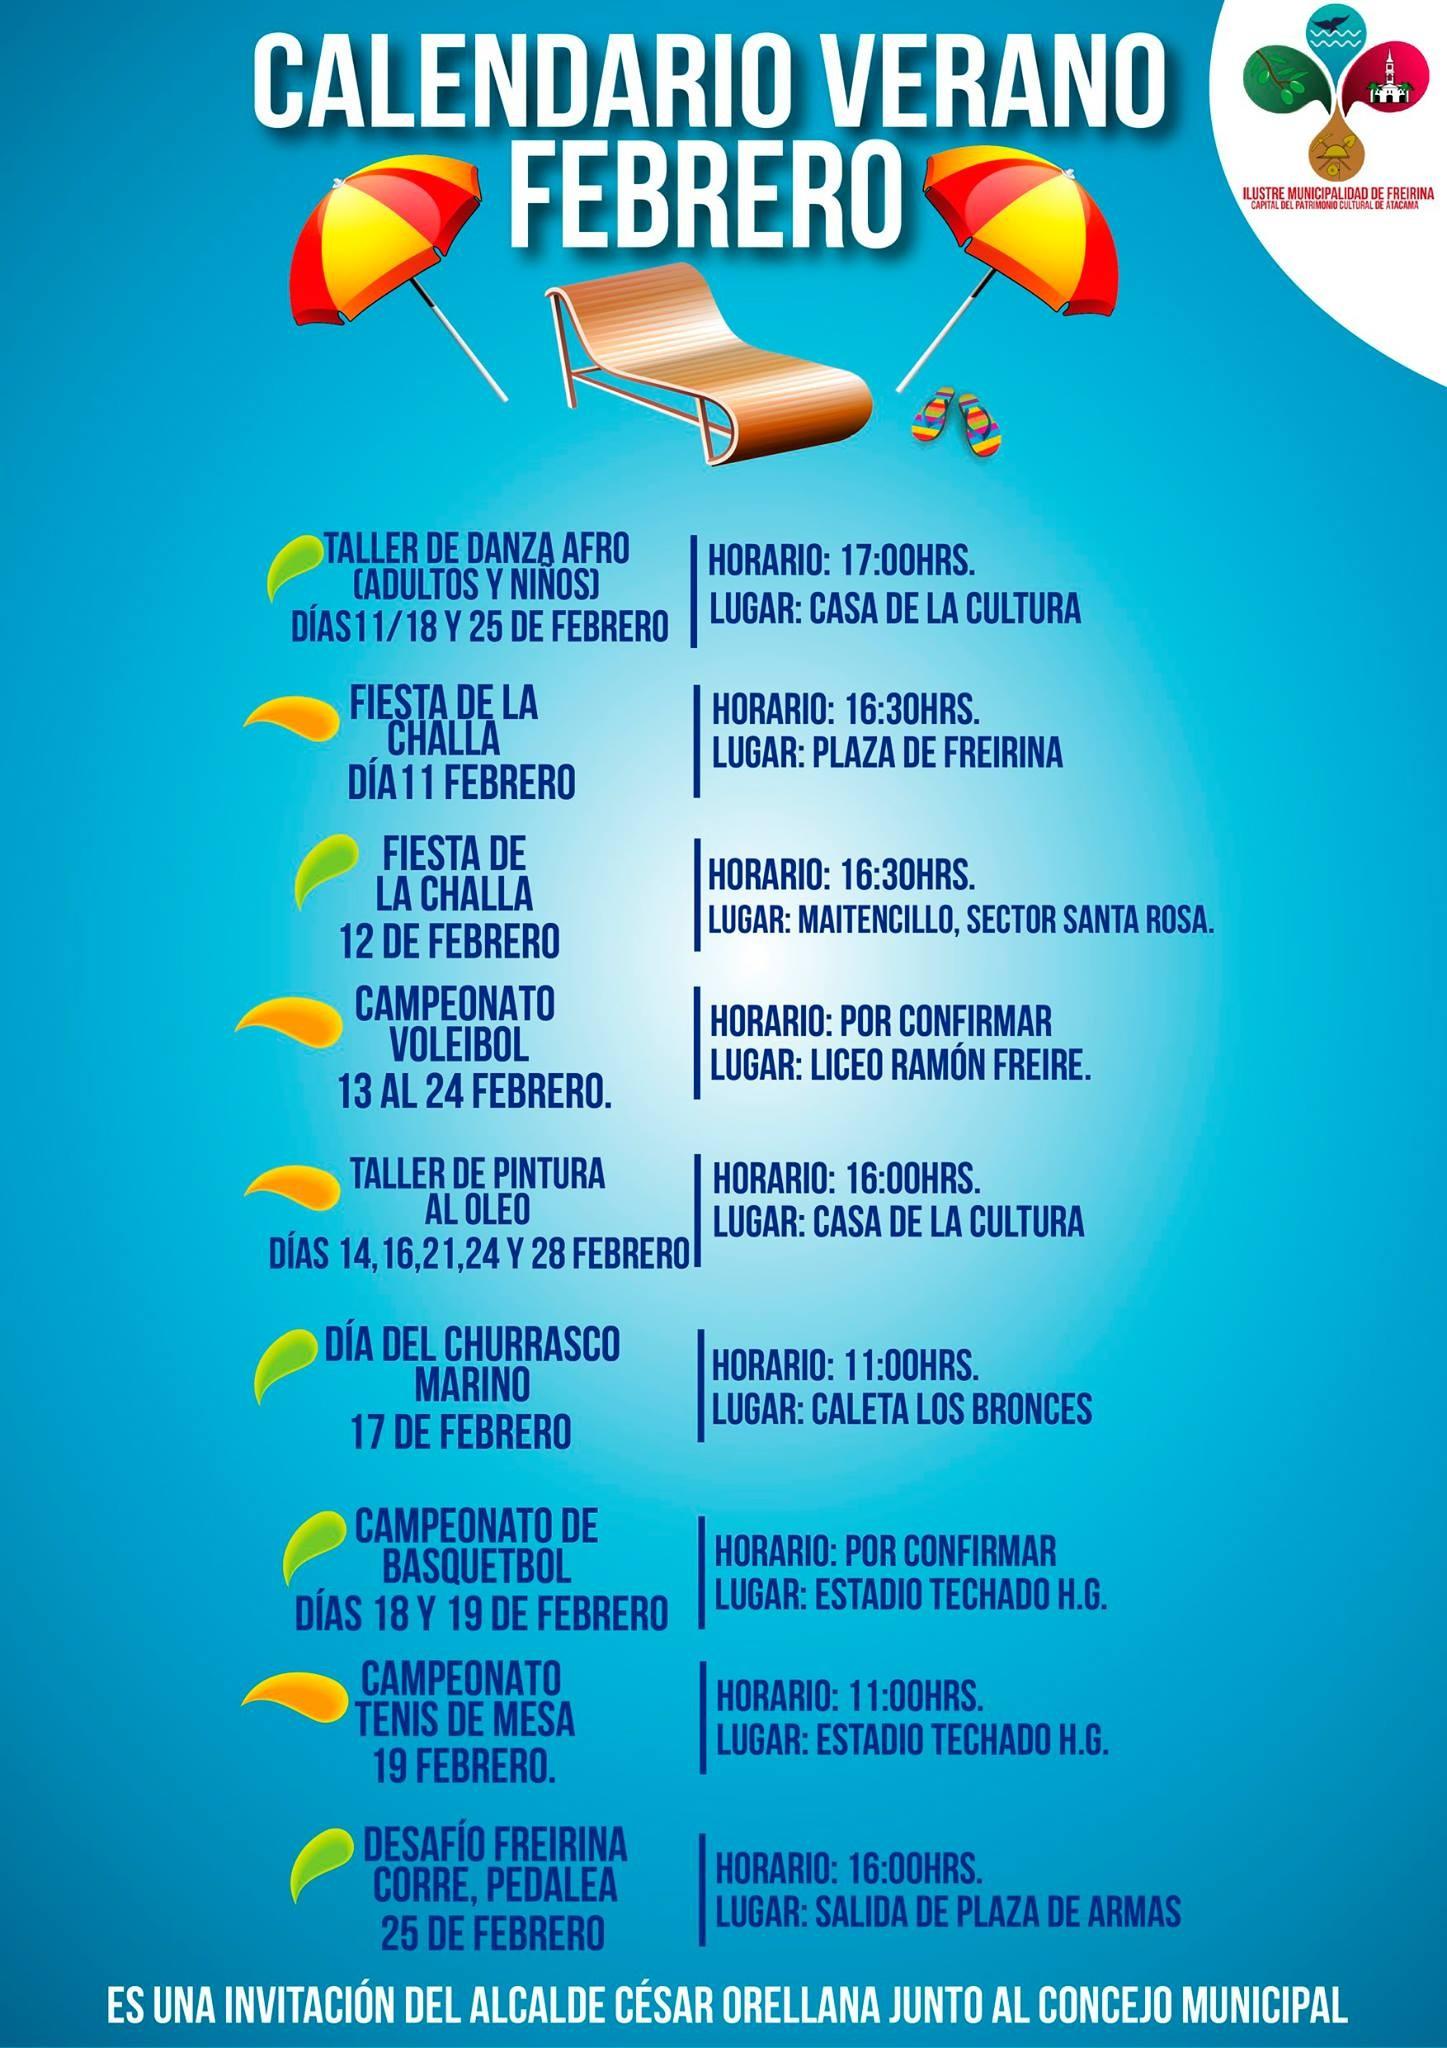 Calendario Octubre 2017 Para Imprimir Chile Más Recientes Invitacion Para Techado De Casa Invitaciones Para Of Calendario Octubre 2017 Para Imprimir Chile Más Reciente Noticias Calendario 2017 Para Imprimir Michelzbinden